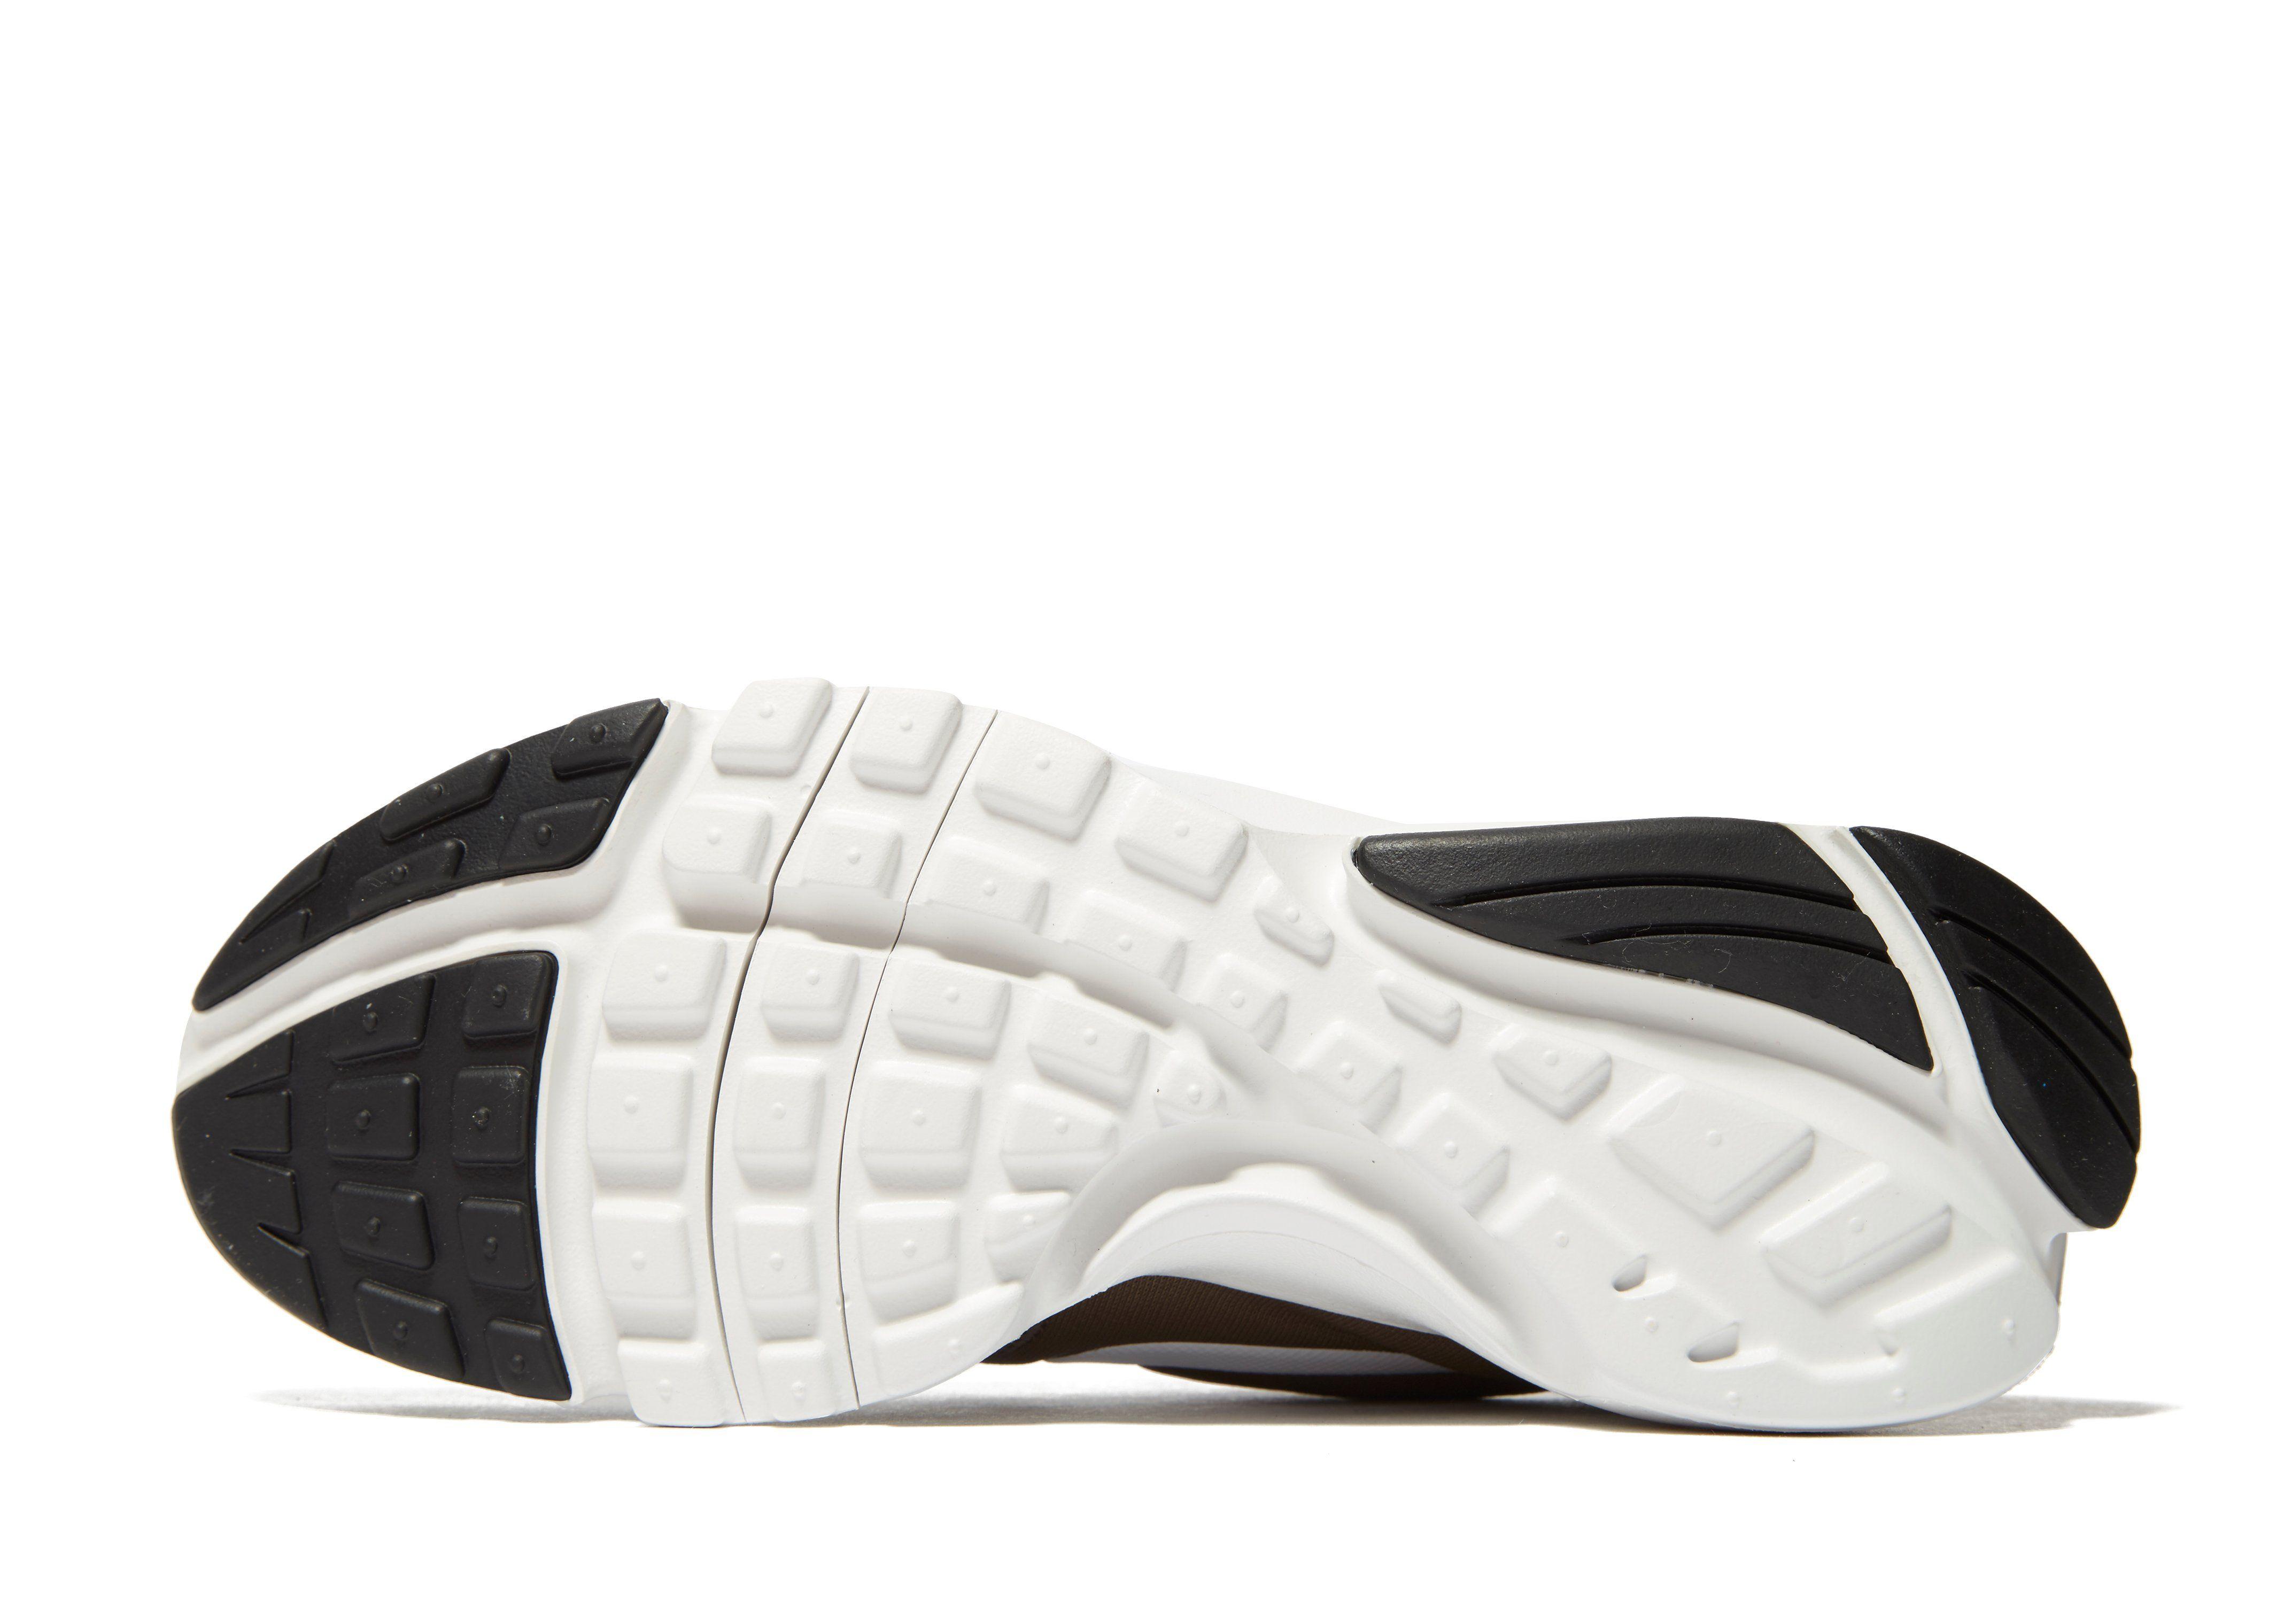 Nike Air Presto Fly Junior Grün Ebay Zum Verkauf Freies Verschiffen Billig Qualität Verkauf Günstig Online Freies Verschiffen Billig Amazon Kaufen tnIV2SZ3QE